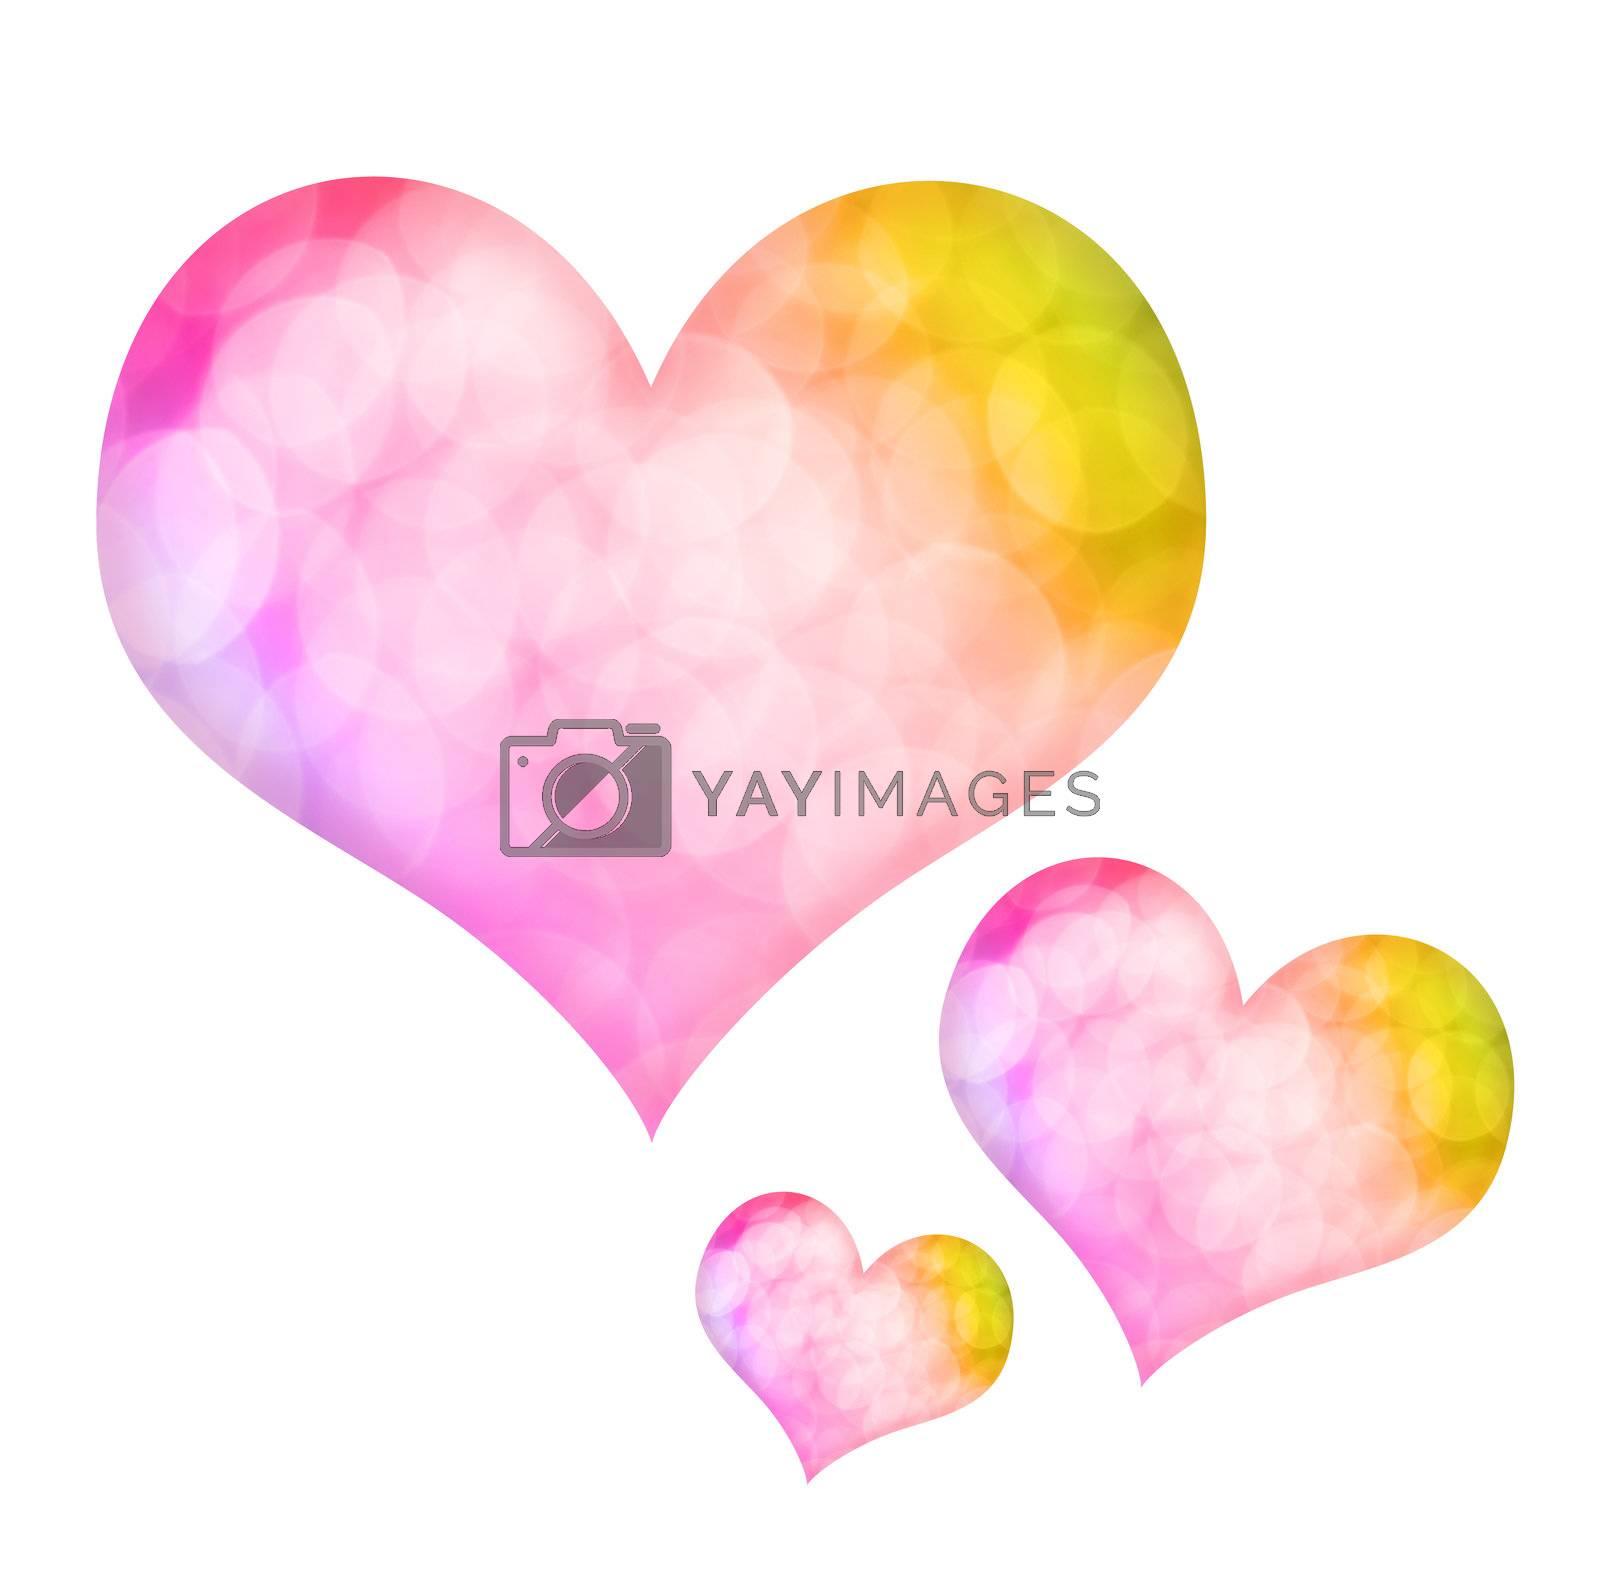 Valentine heart shape isolated on white background